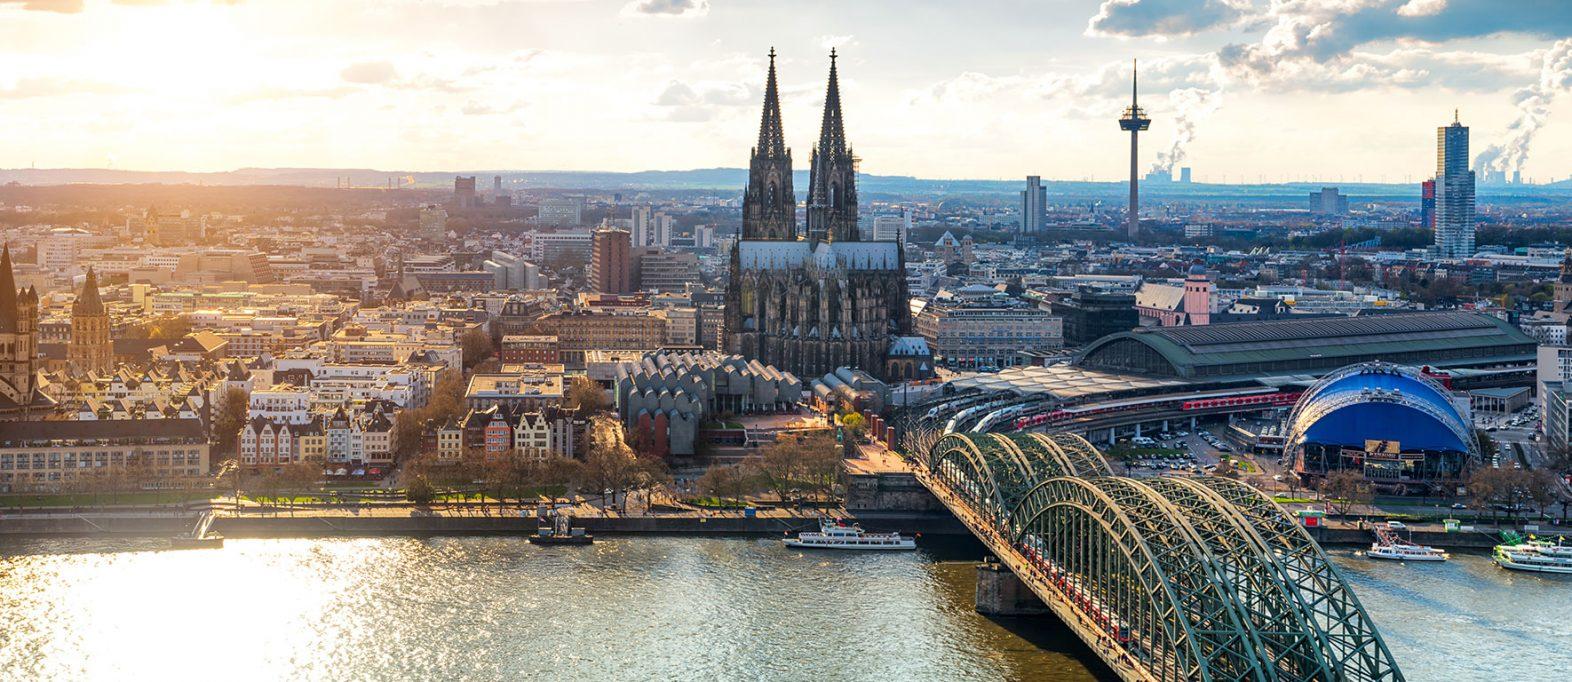 Köln will Verlust in 2018 halbieren – dennoch keine Entwarnung in Sicht